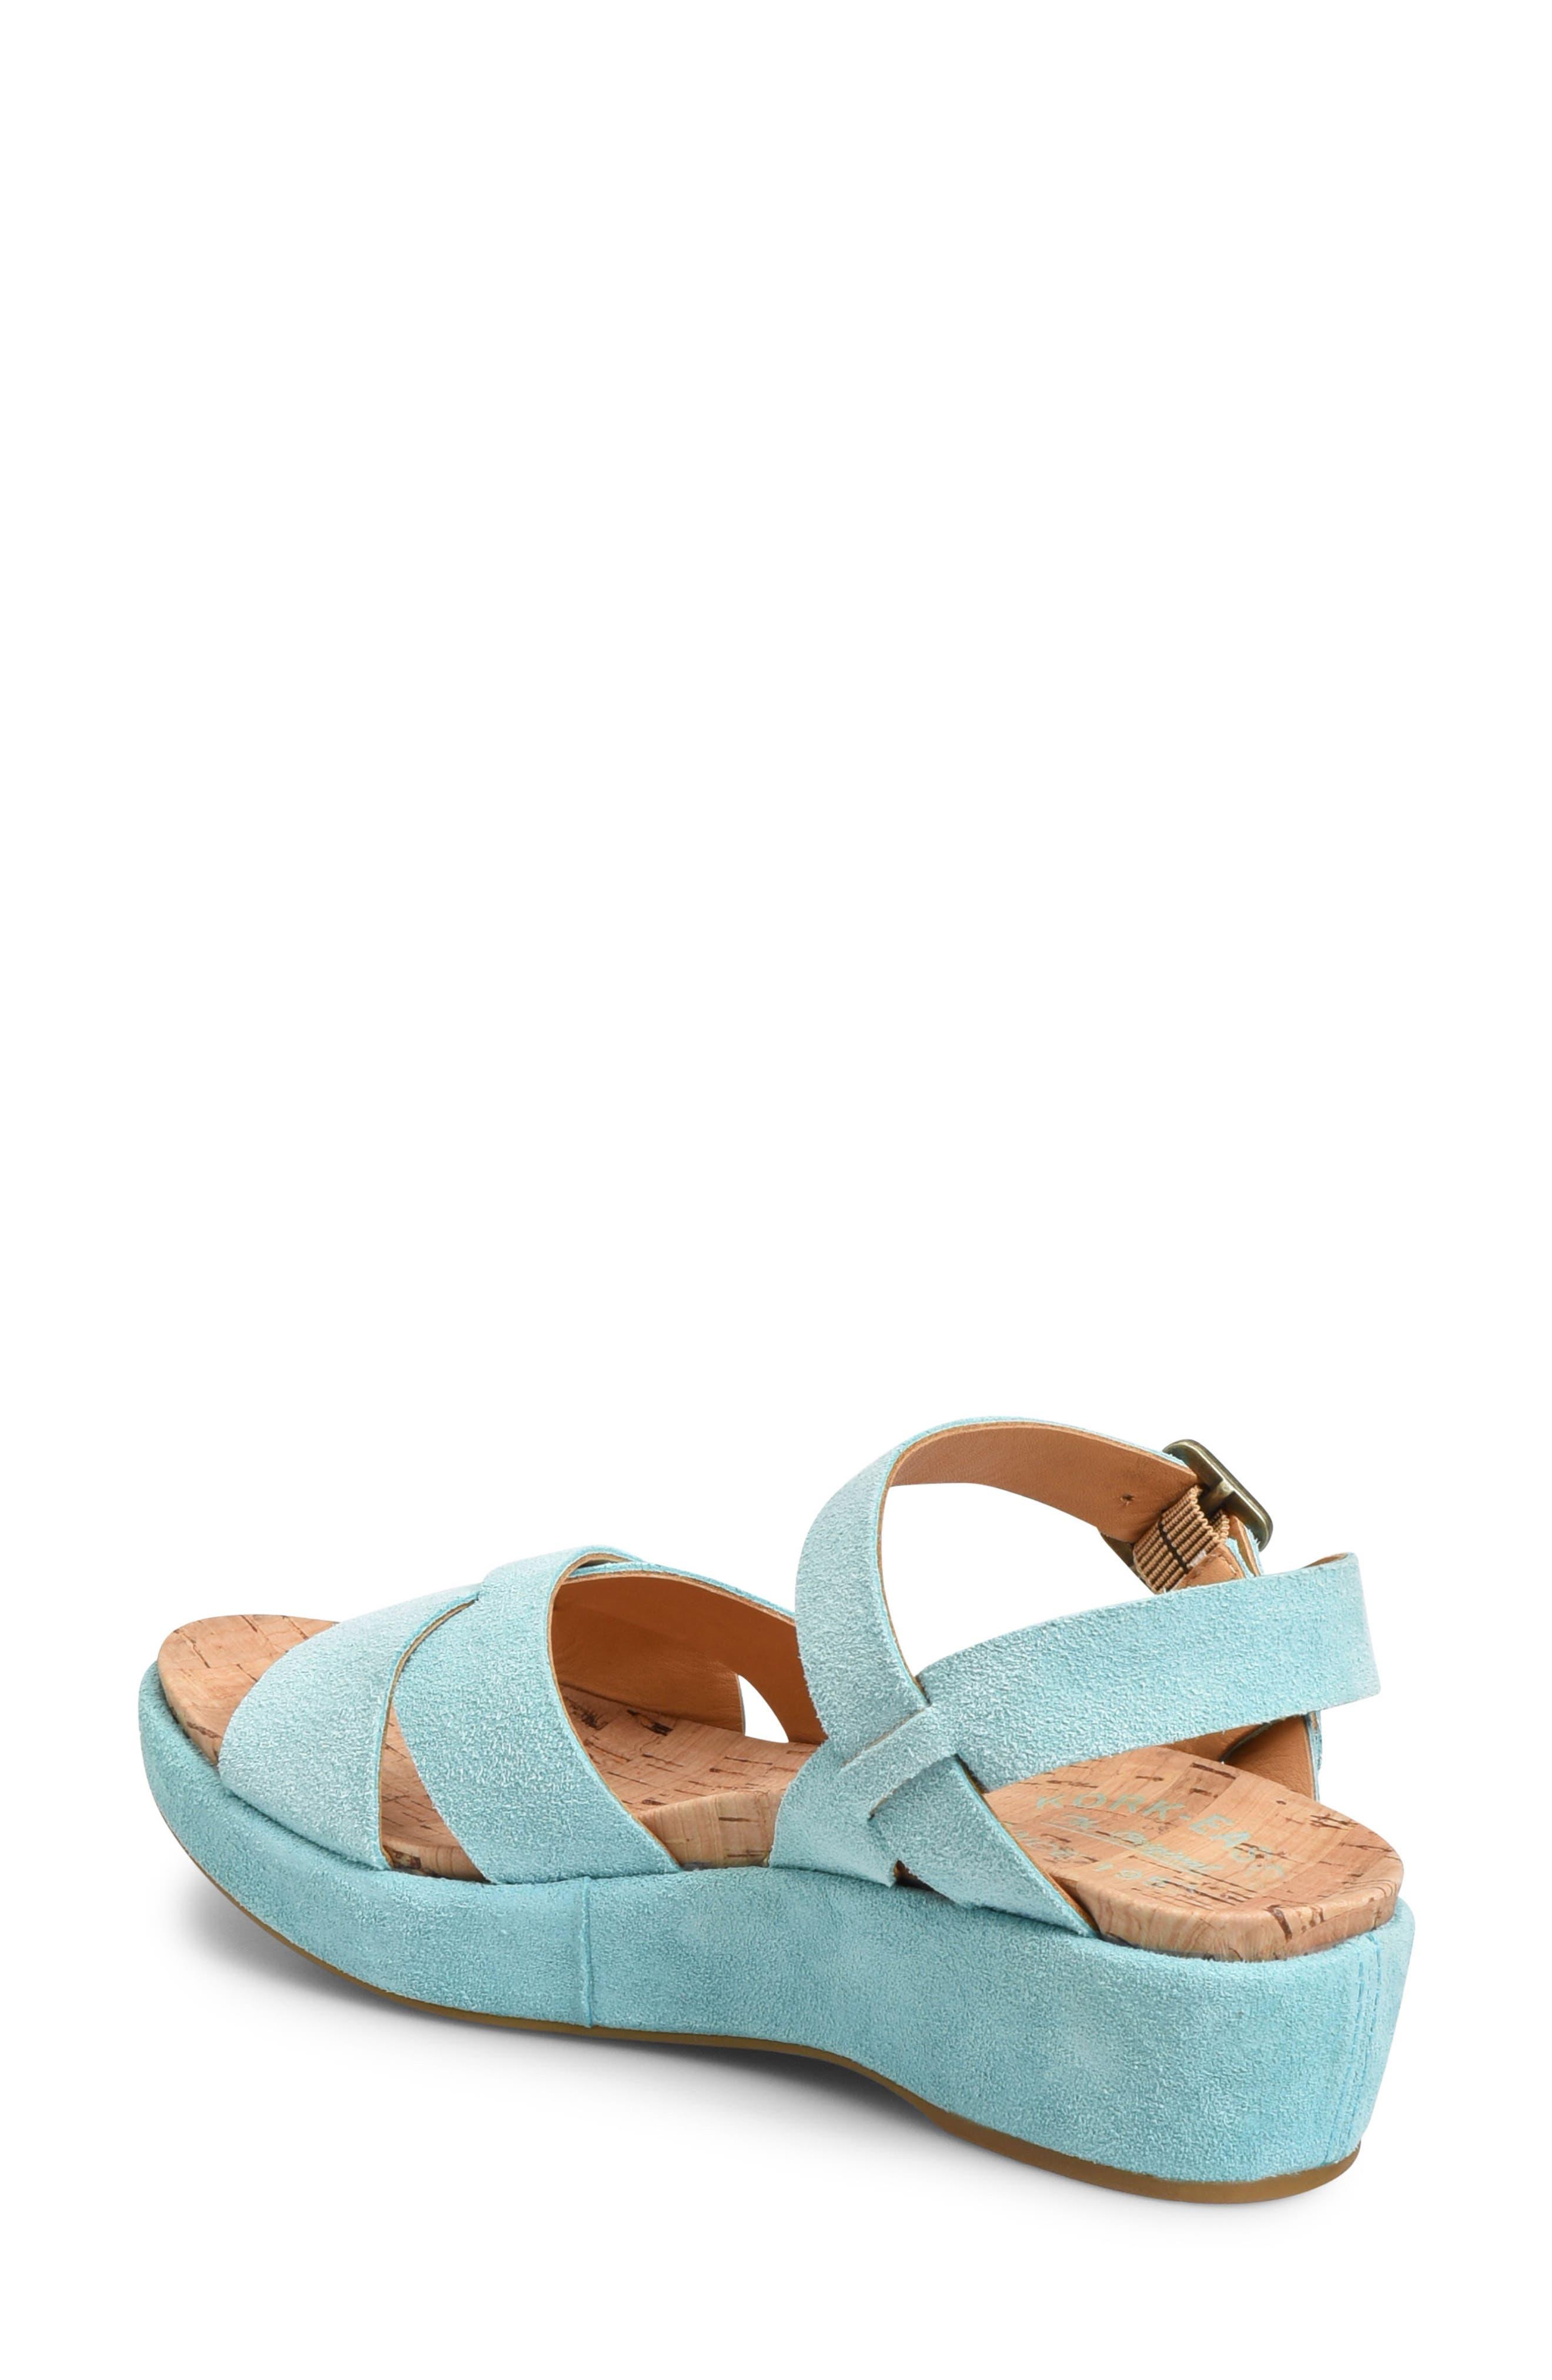 Alternate Image 2  - Kork-Ease® 'Myrna 2.0' Cork Wedge Sandal (Women)